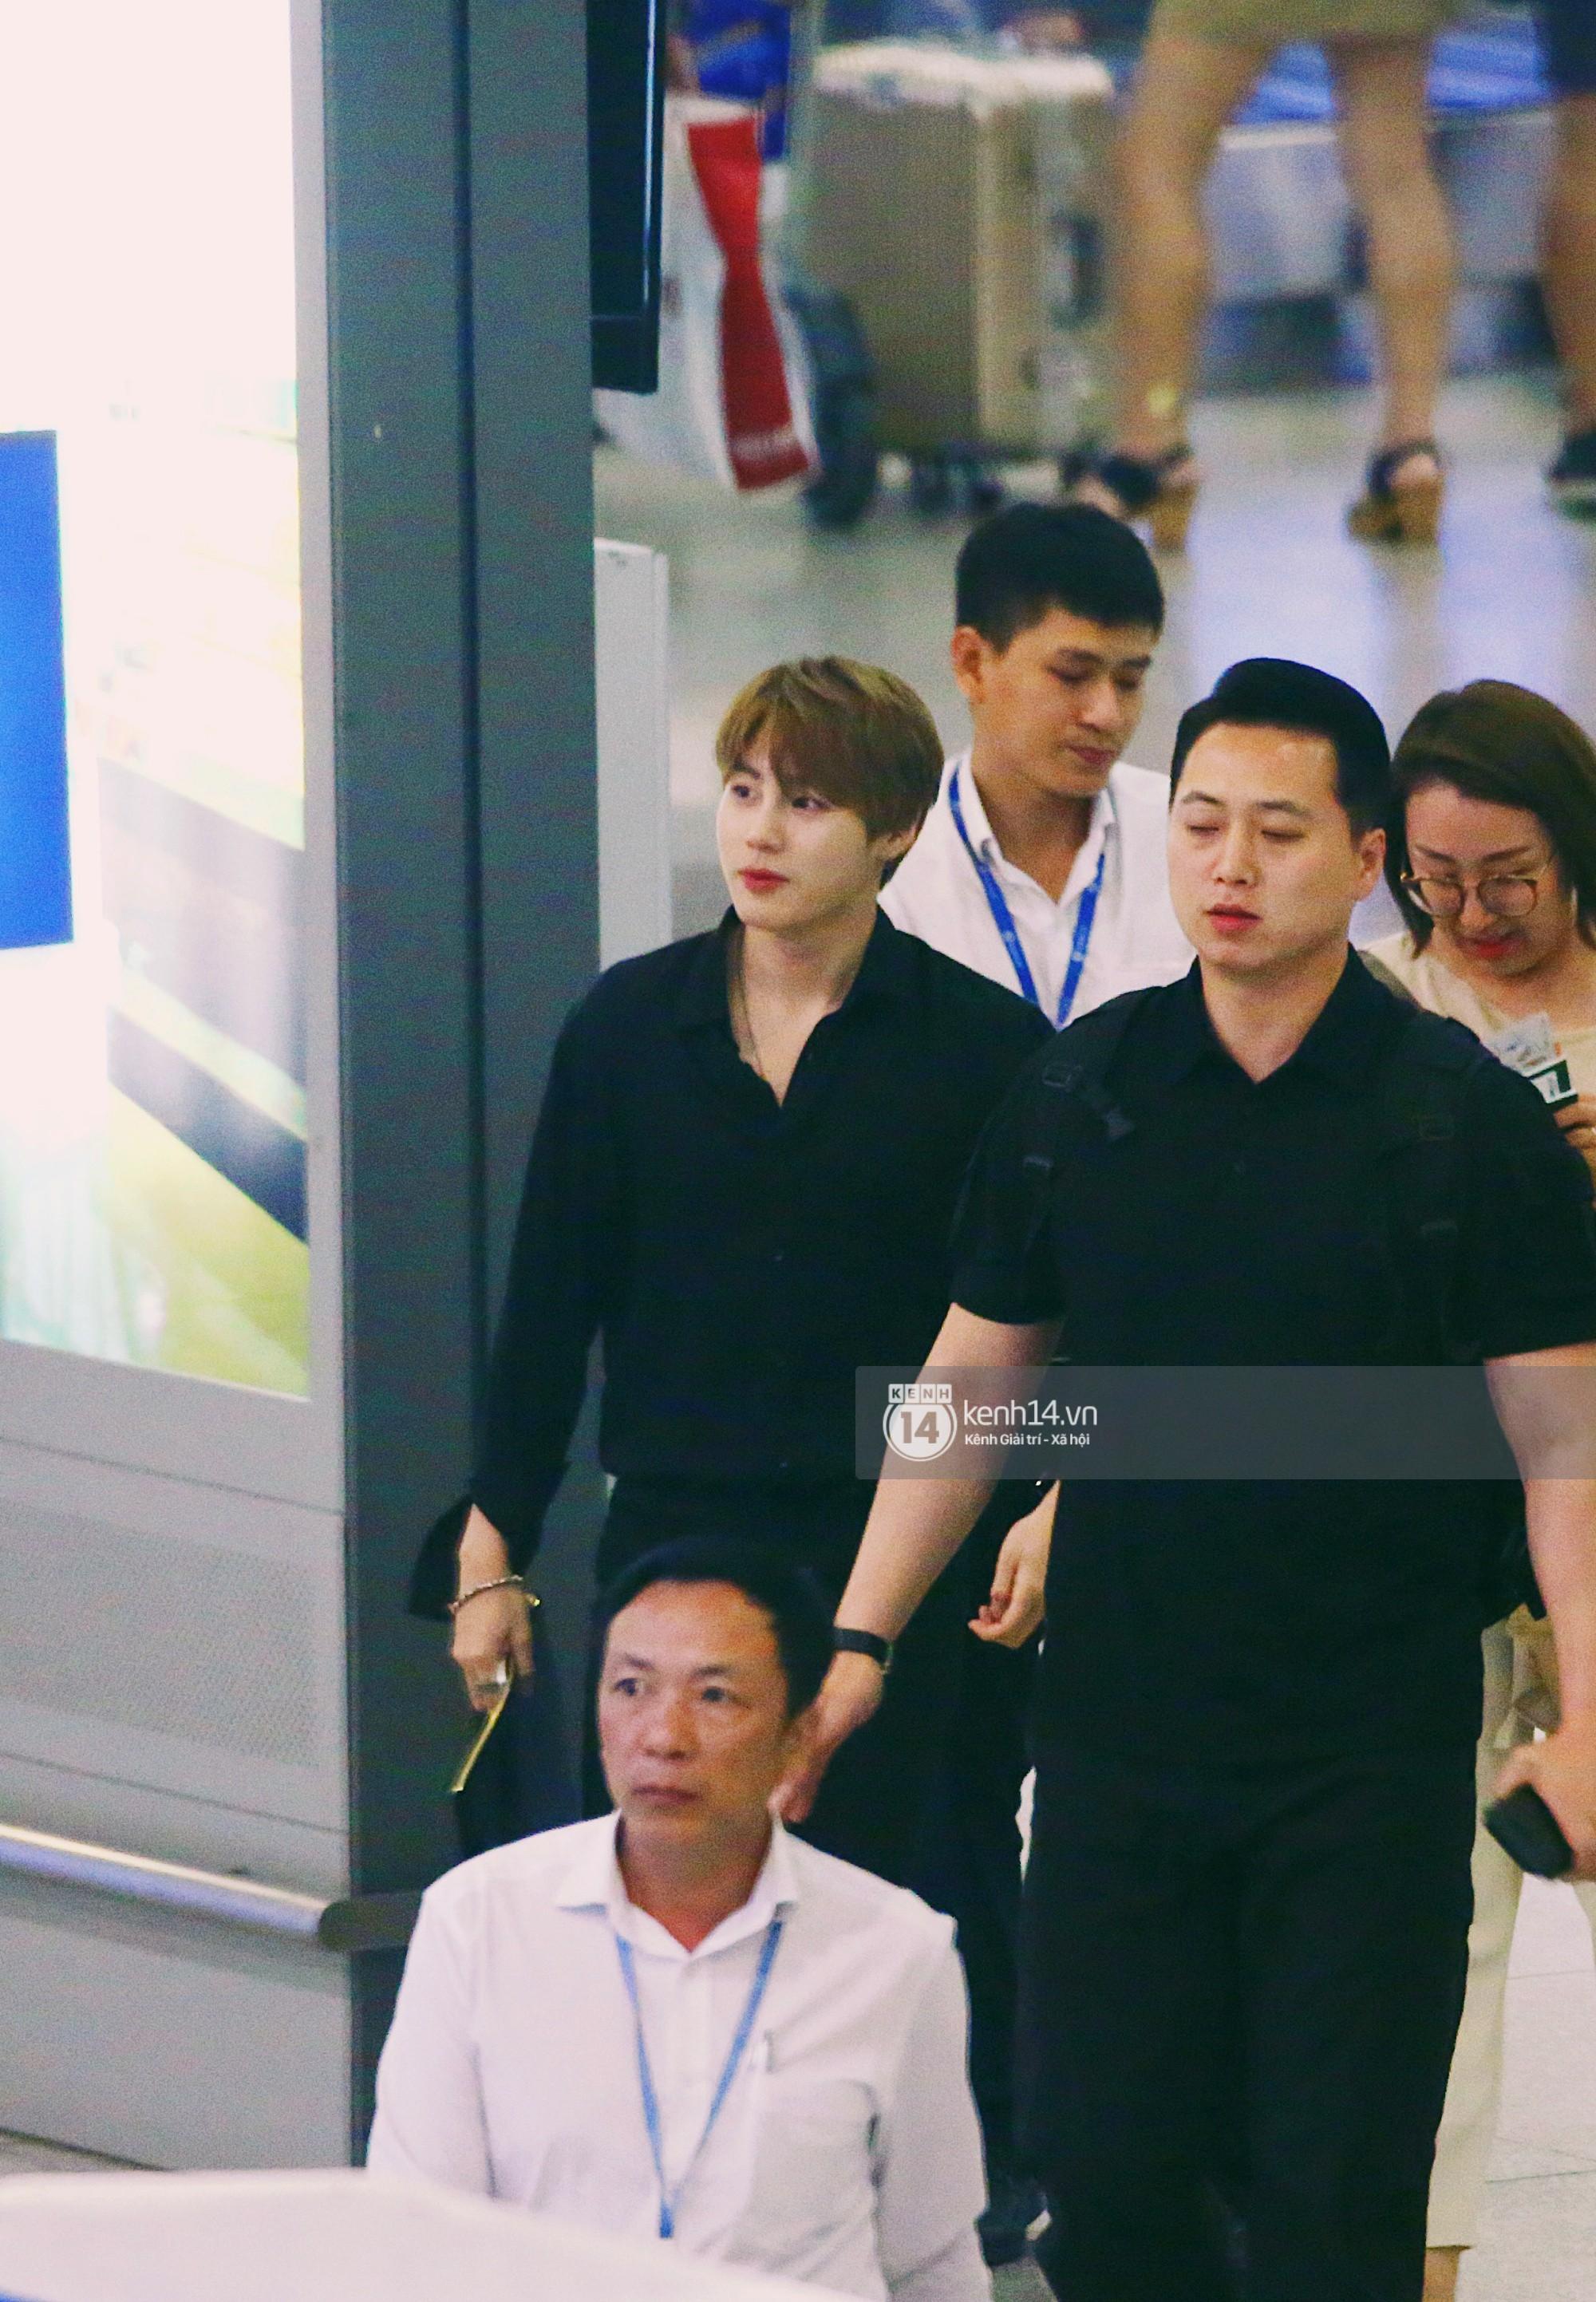 Dàn idol Kpop khiến sân bay Tân Sơn Nhất nổ tung giữa đêm: Mỹ nam Wanna One trắng bật tông, KARD há hốc vì biển fan - Ảnh 2.